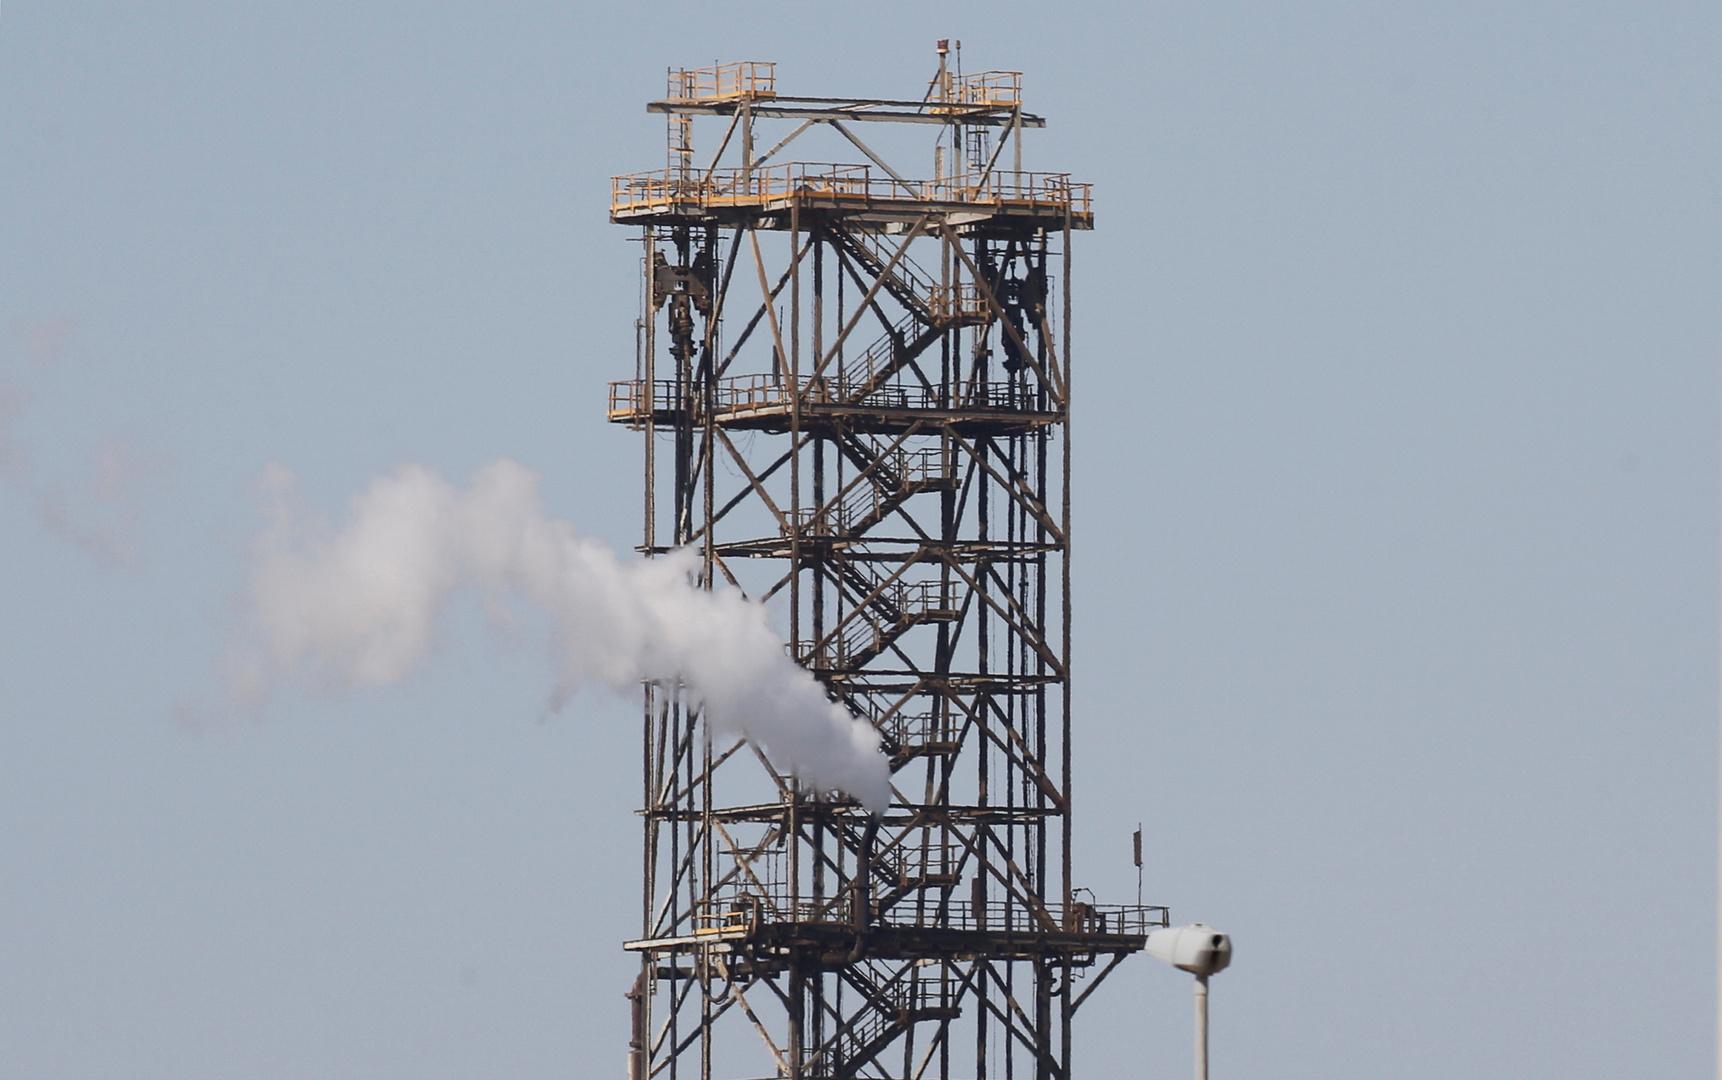 وزير البترول المصري يعلن توقيع اتفاقيات للبحث عن البترول في البحر الأحمر لأول مرة -